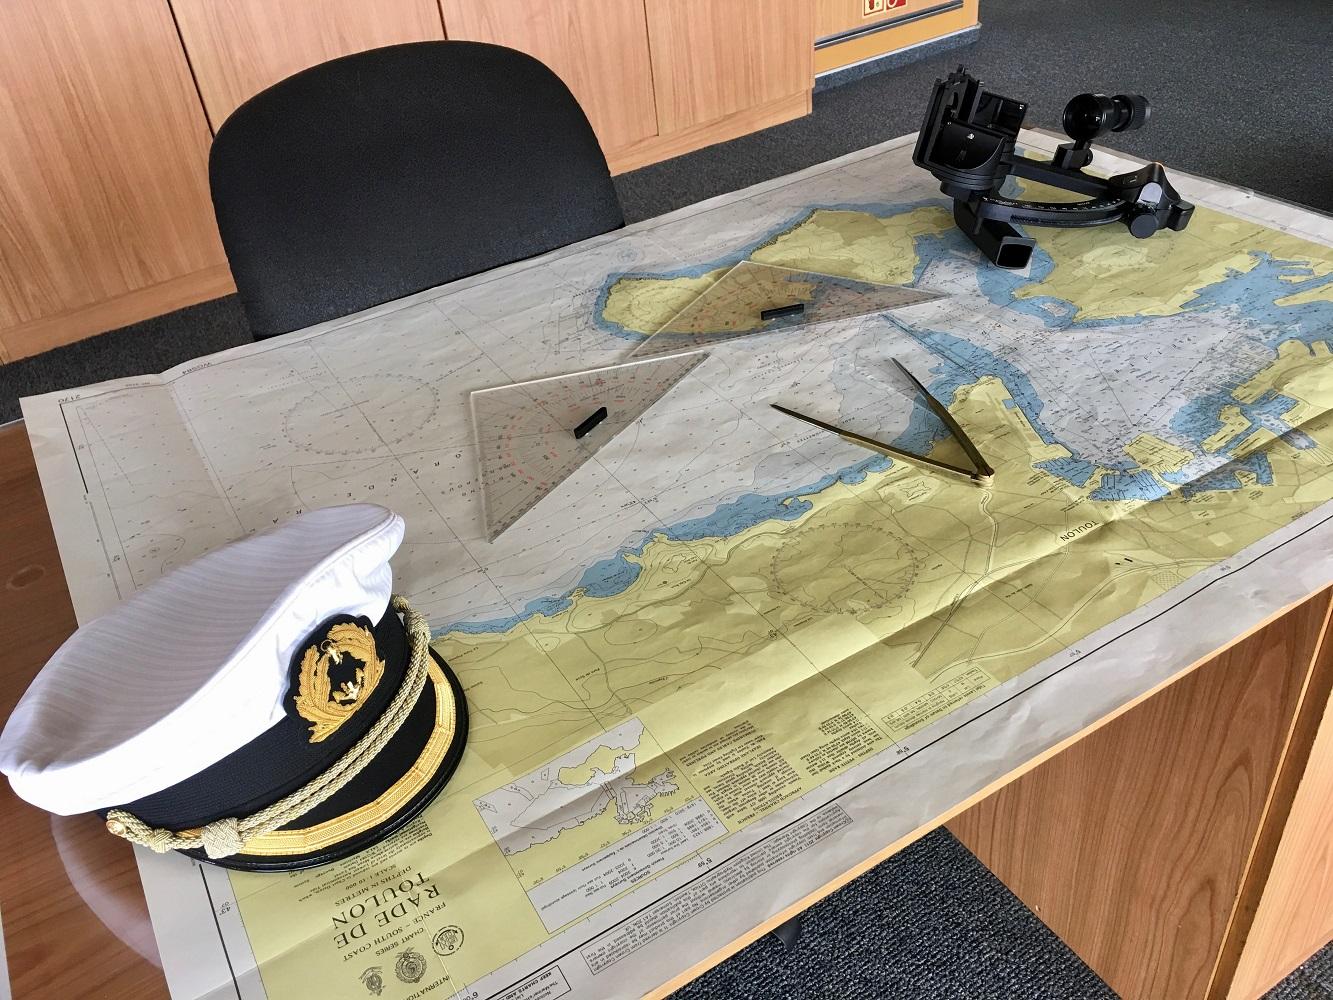 Der Arbeitsplatz von Mein Schiff Kapitän Omar Caruana